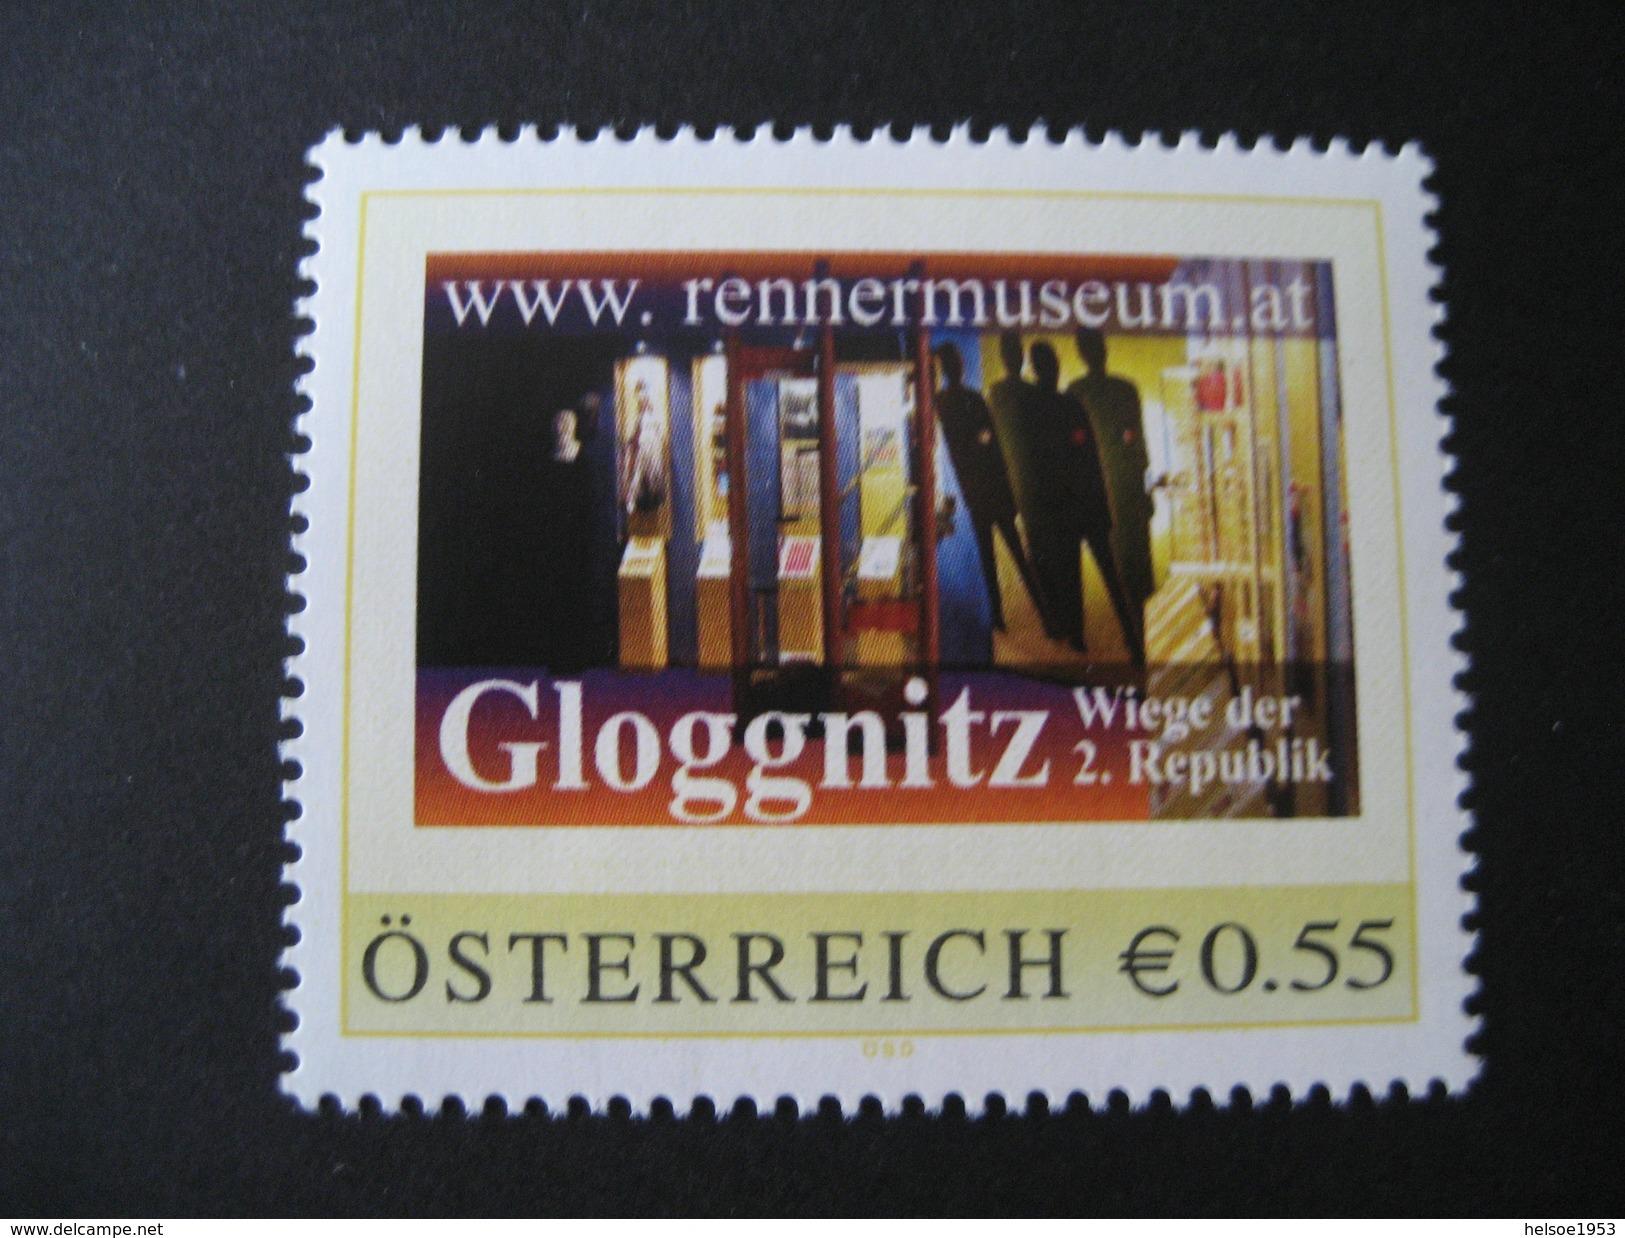 PM 8003023- Rennermuseum Gloggnitz Mit €-Zeichen Postfrisch - Österreich